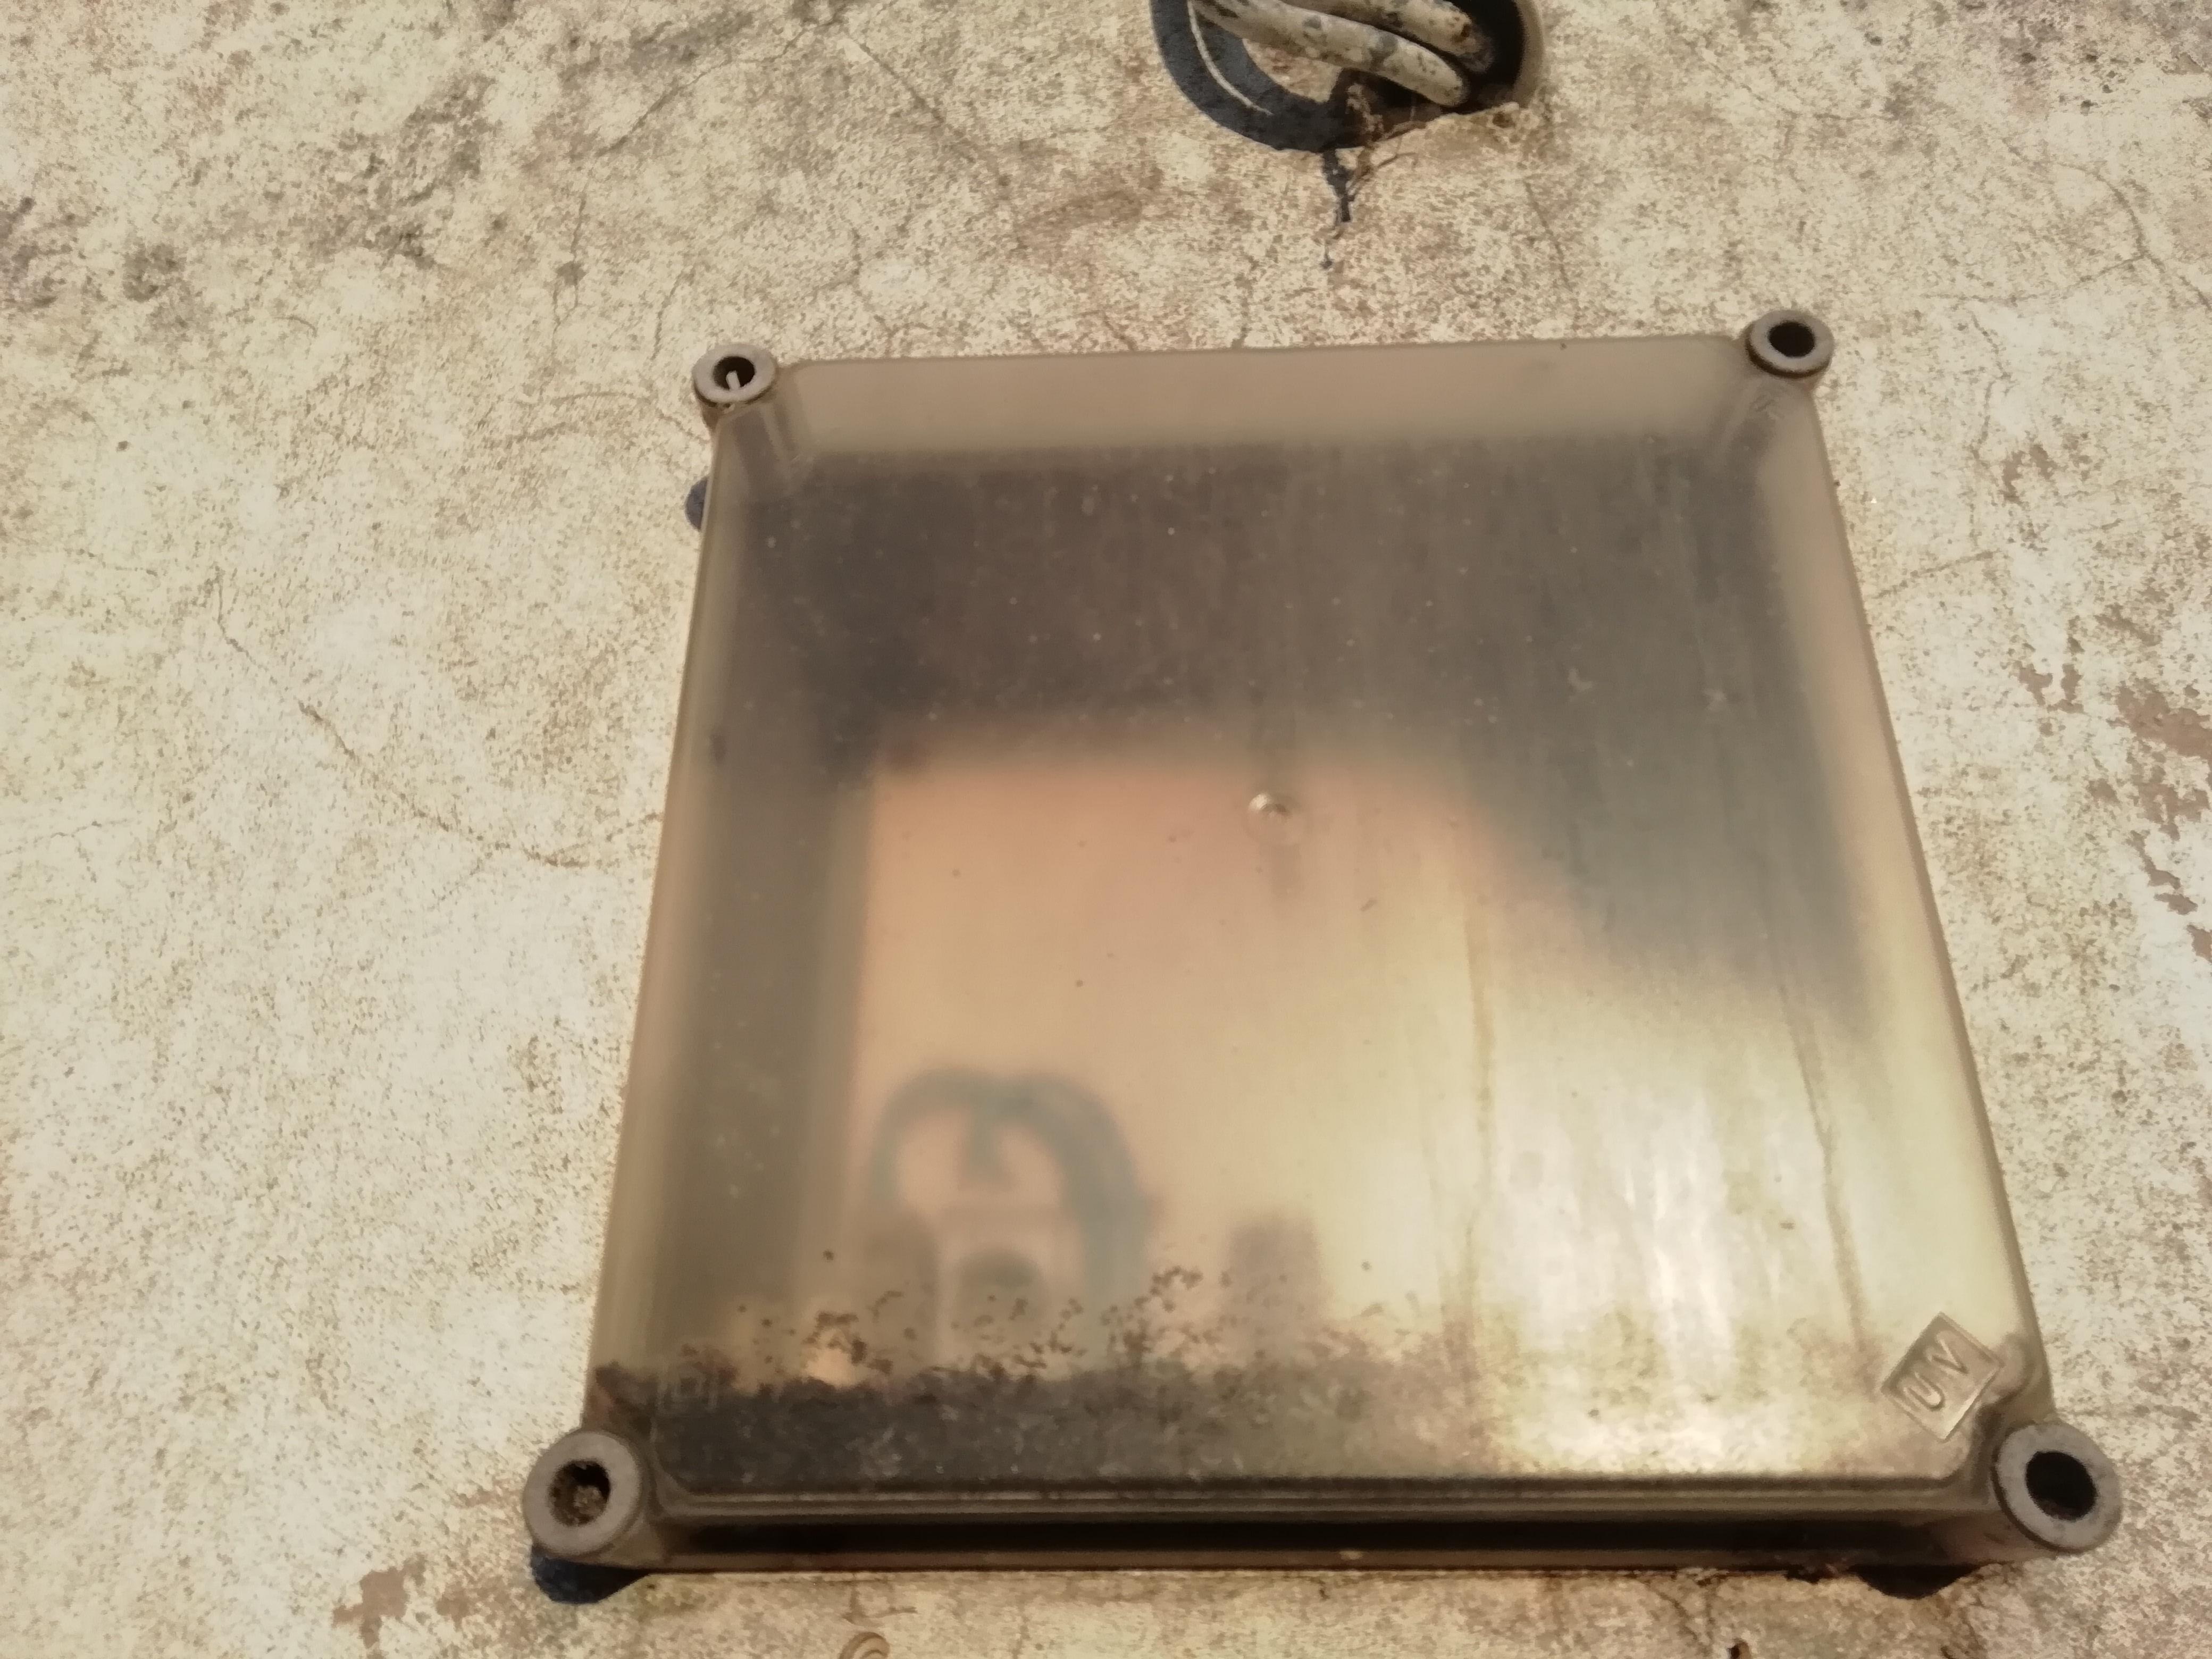 Una vieja caja de contador de luz